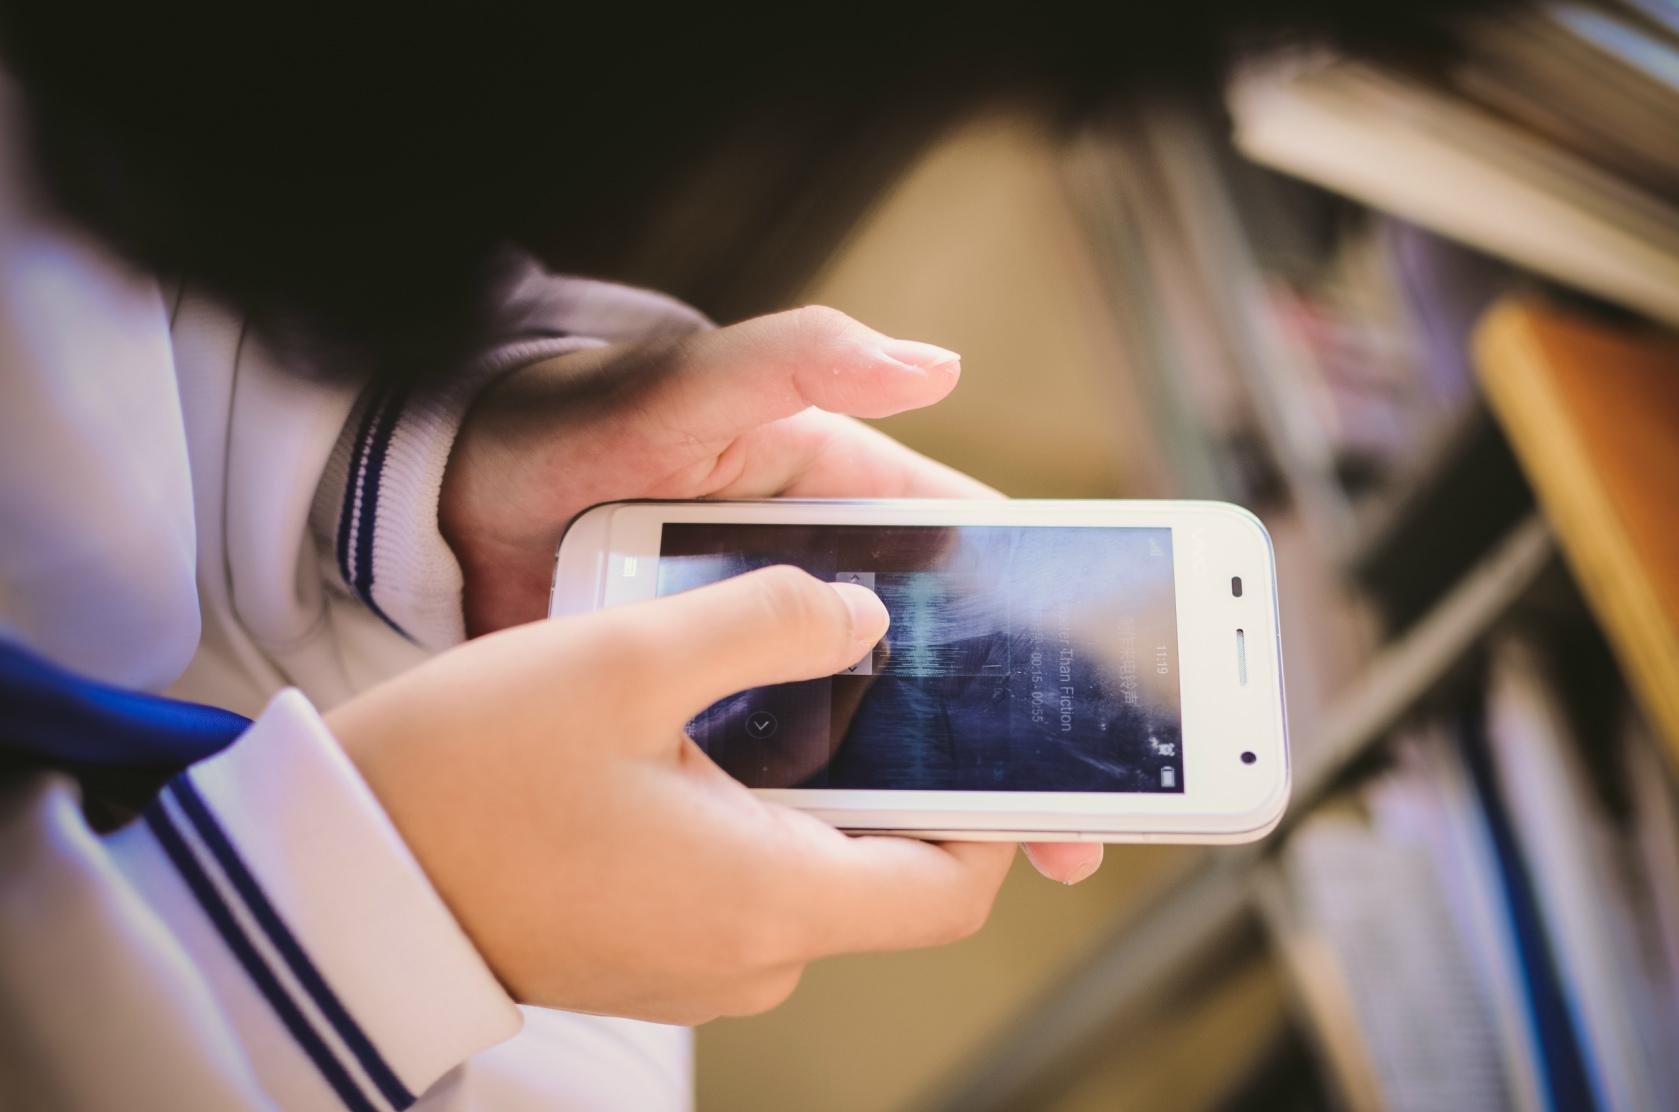 超七成诈骗短信瞄准用户钱财